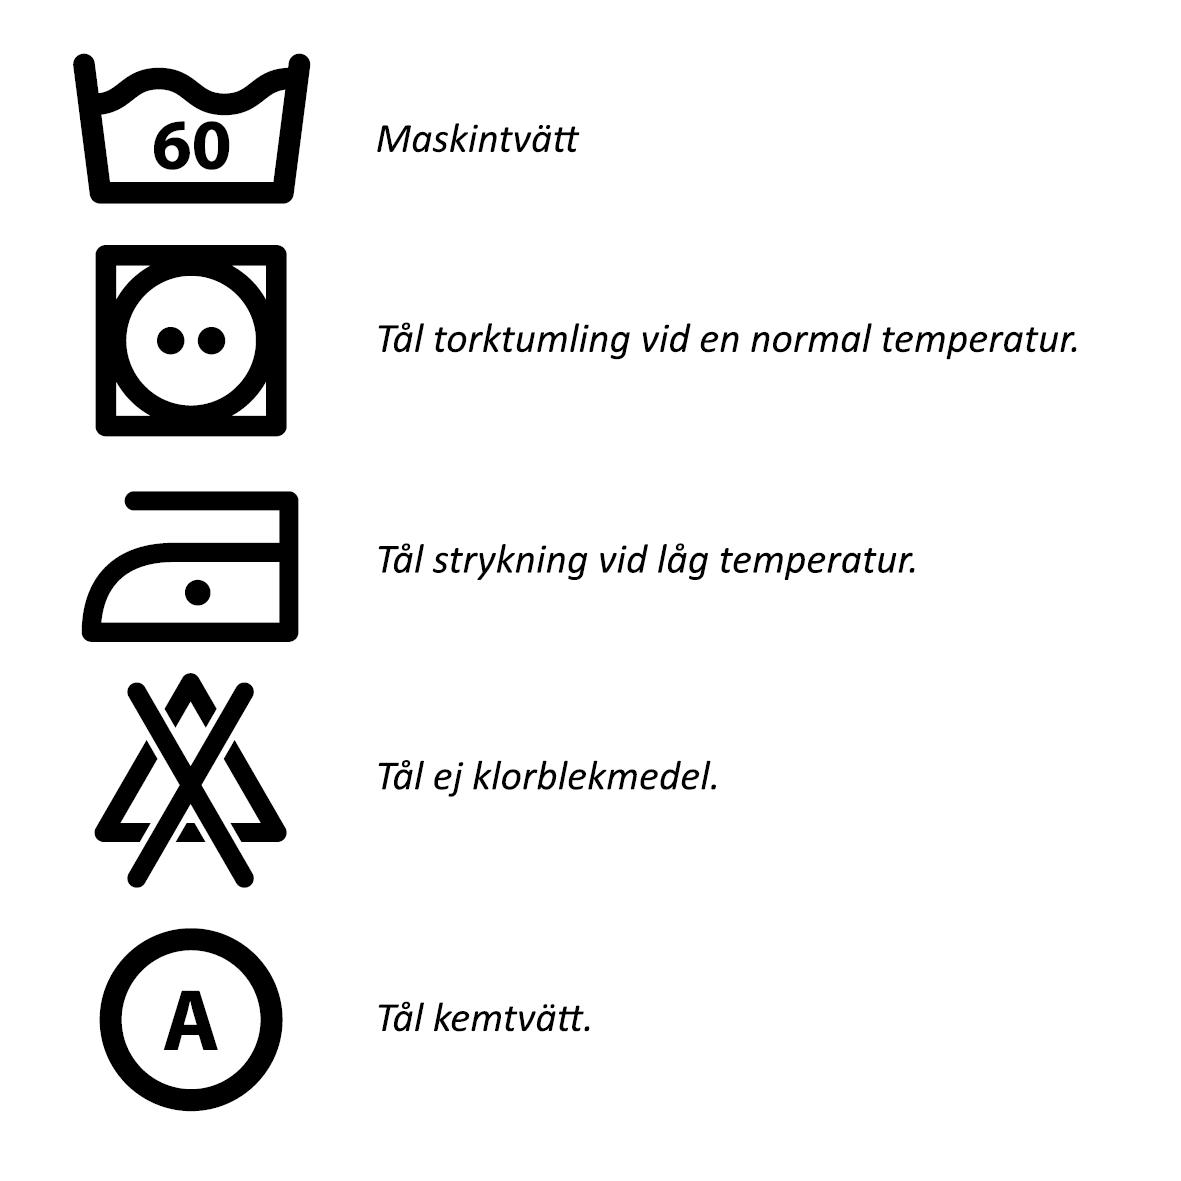 Tvättråd förklaring_antikvalster